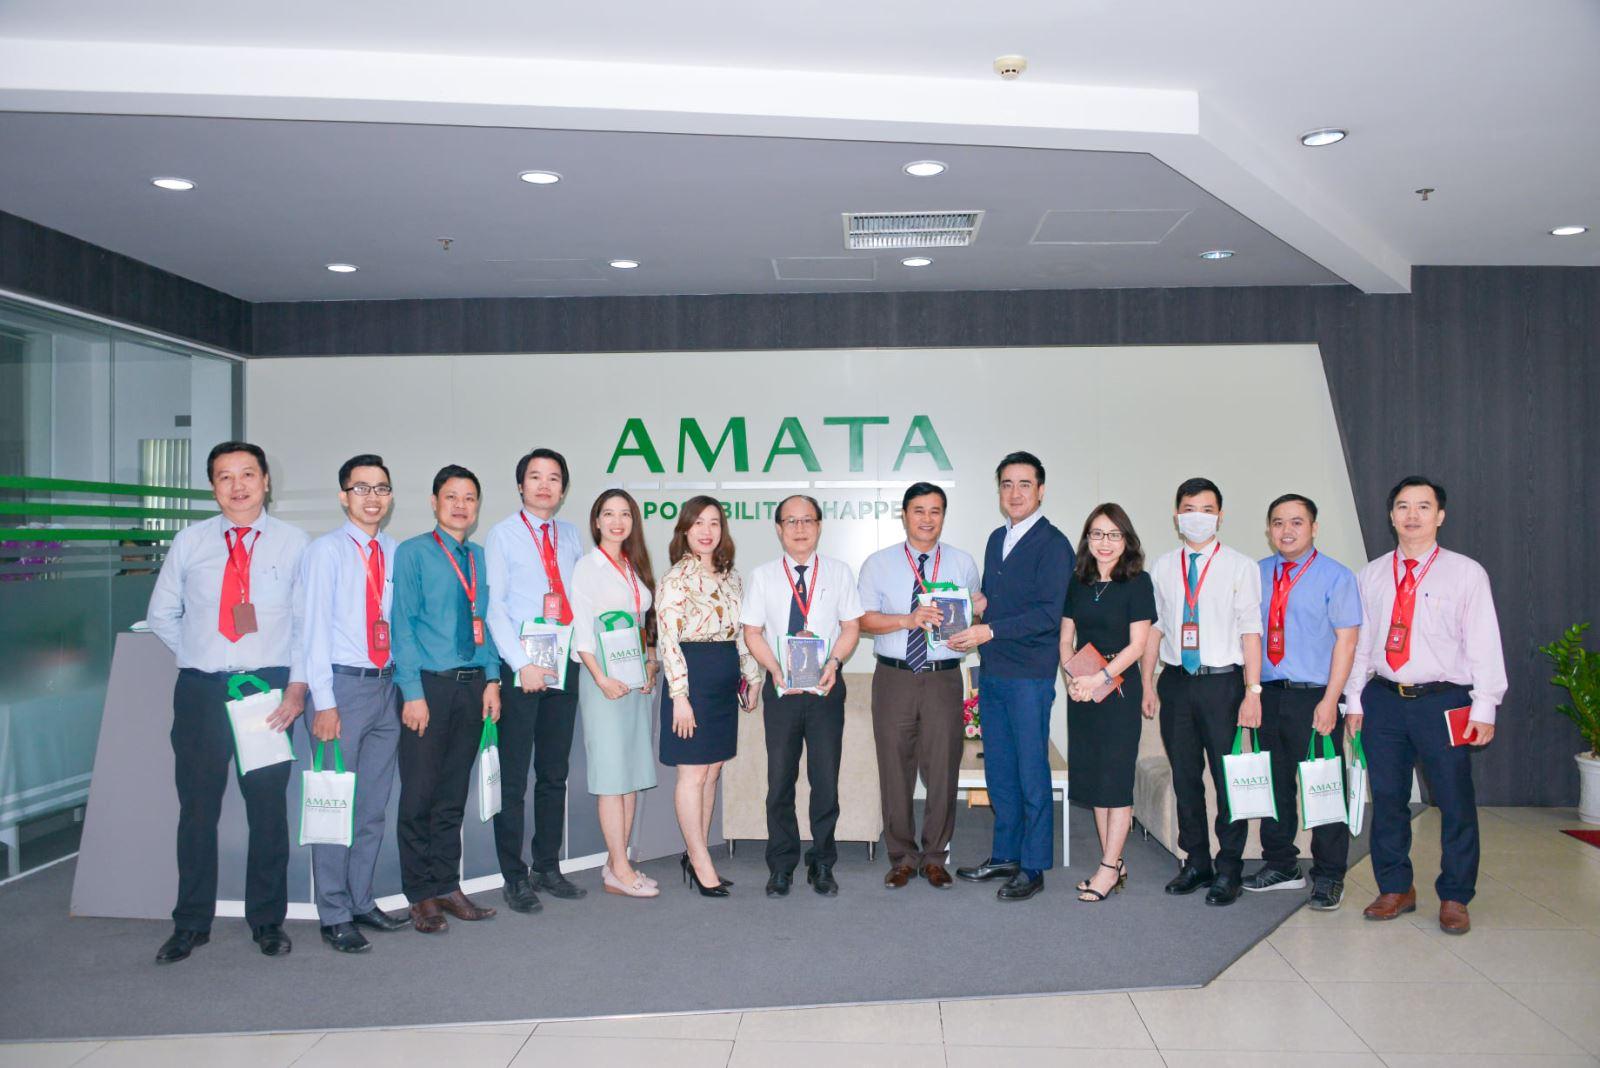 Trường Đại học Công nghệ Đồng Nai đến tham quan và trao đổi các chiến lược đào tạo với Công ty Cổ phẩn Đô thị Amata.